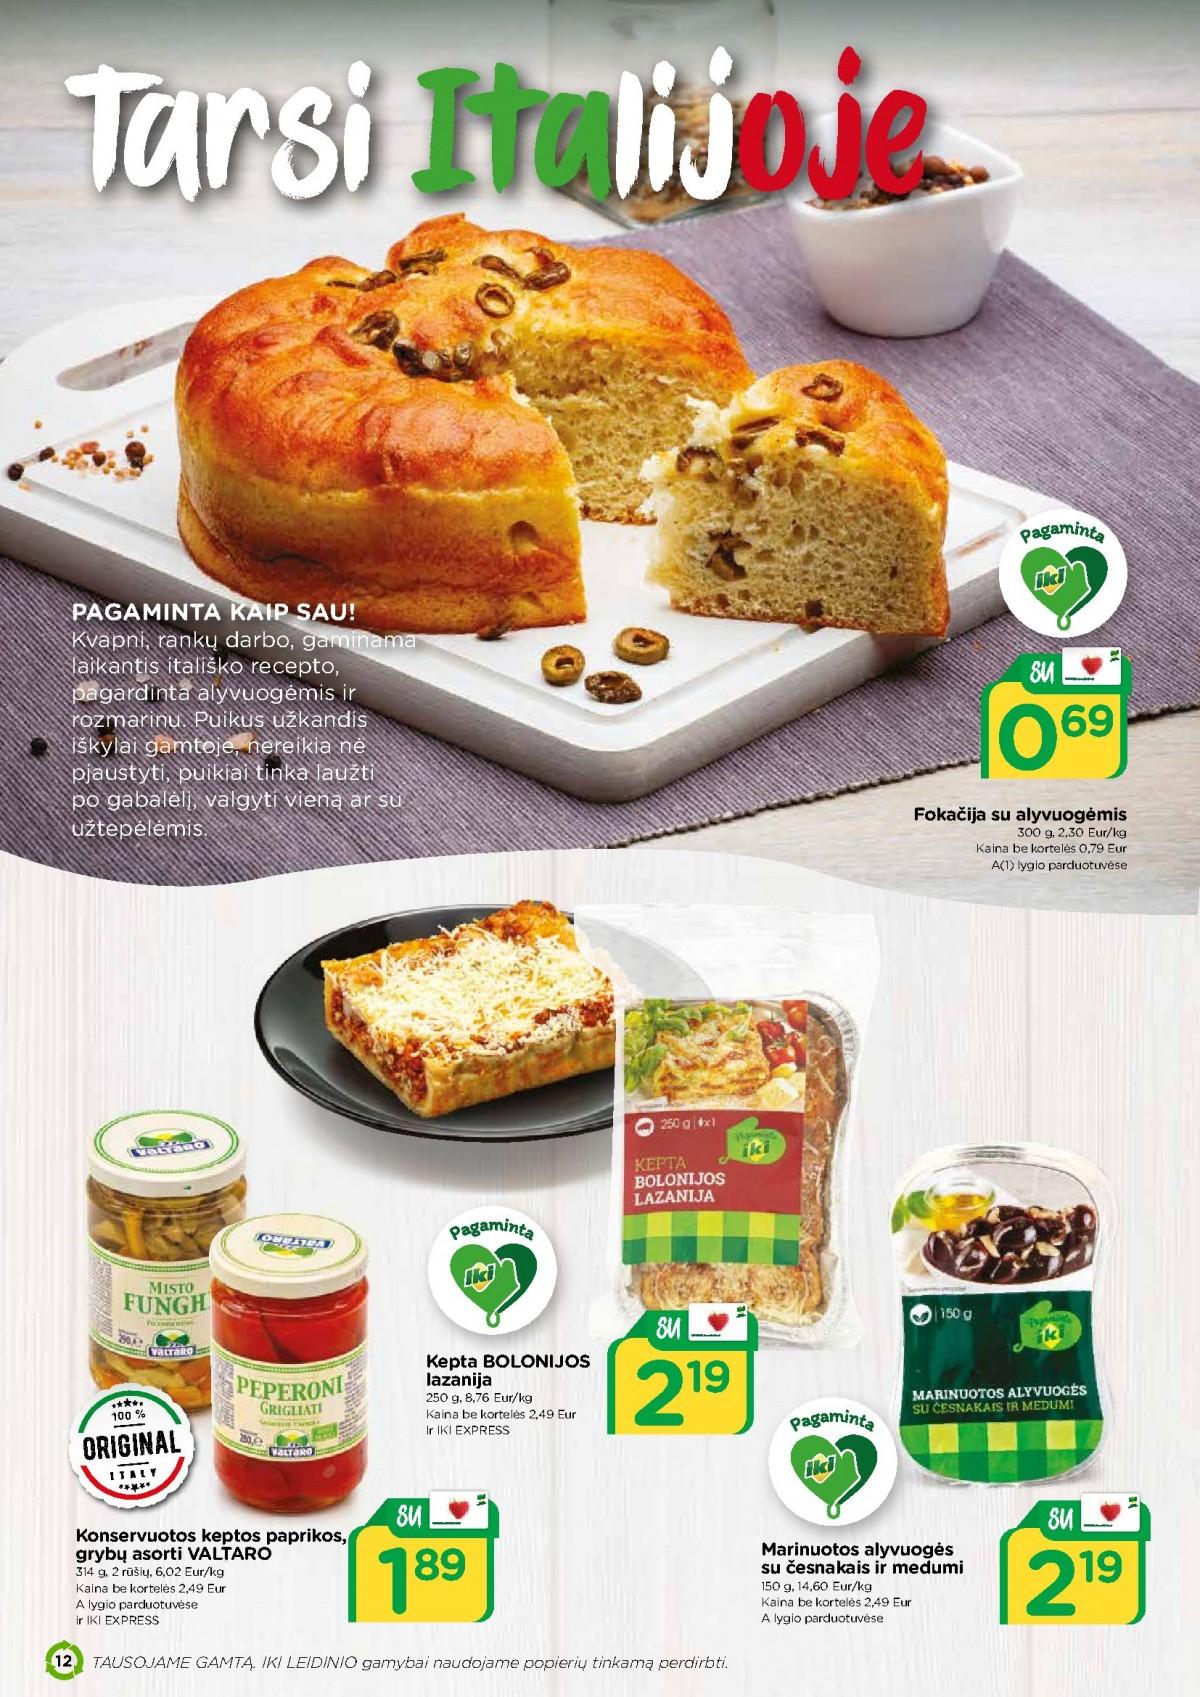 Geriausi Italijos receptai page 12